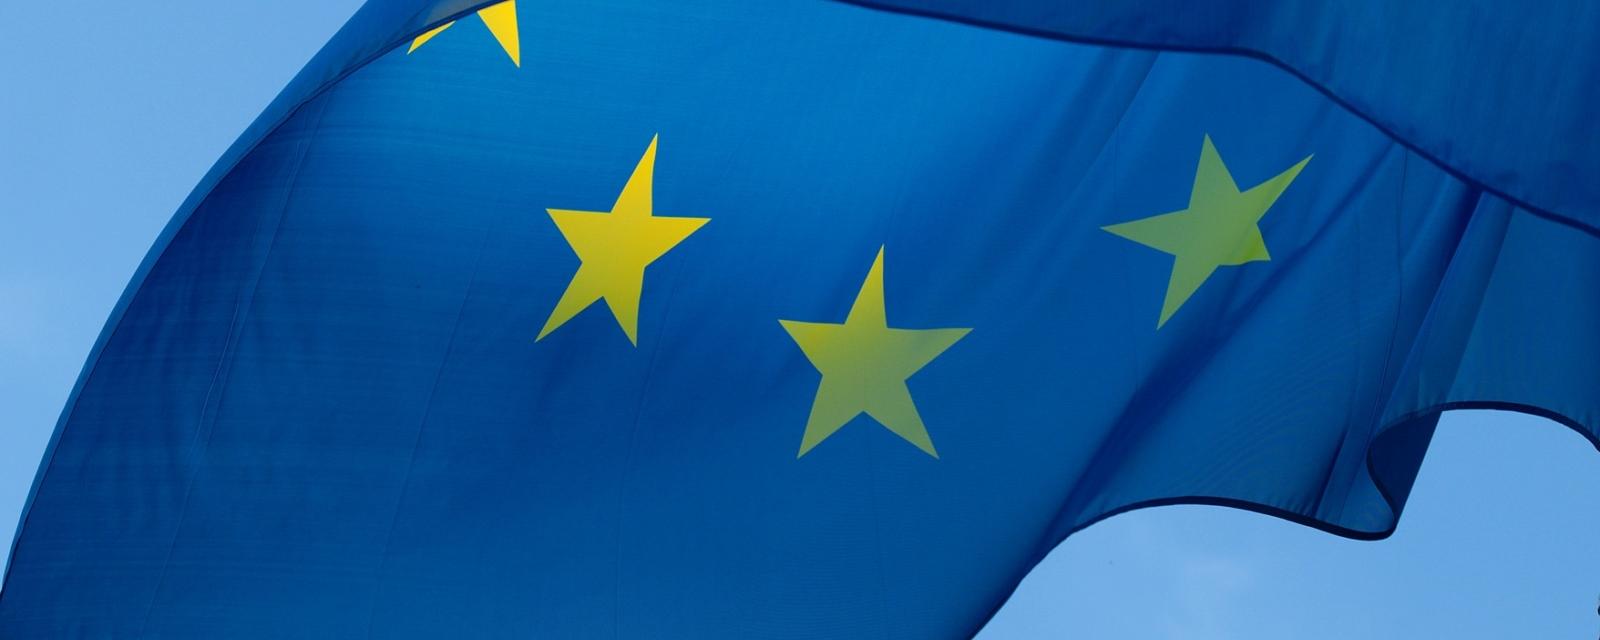 La Rochelle Université lauréate  de l'appel à projets Universités Européennes